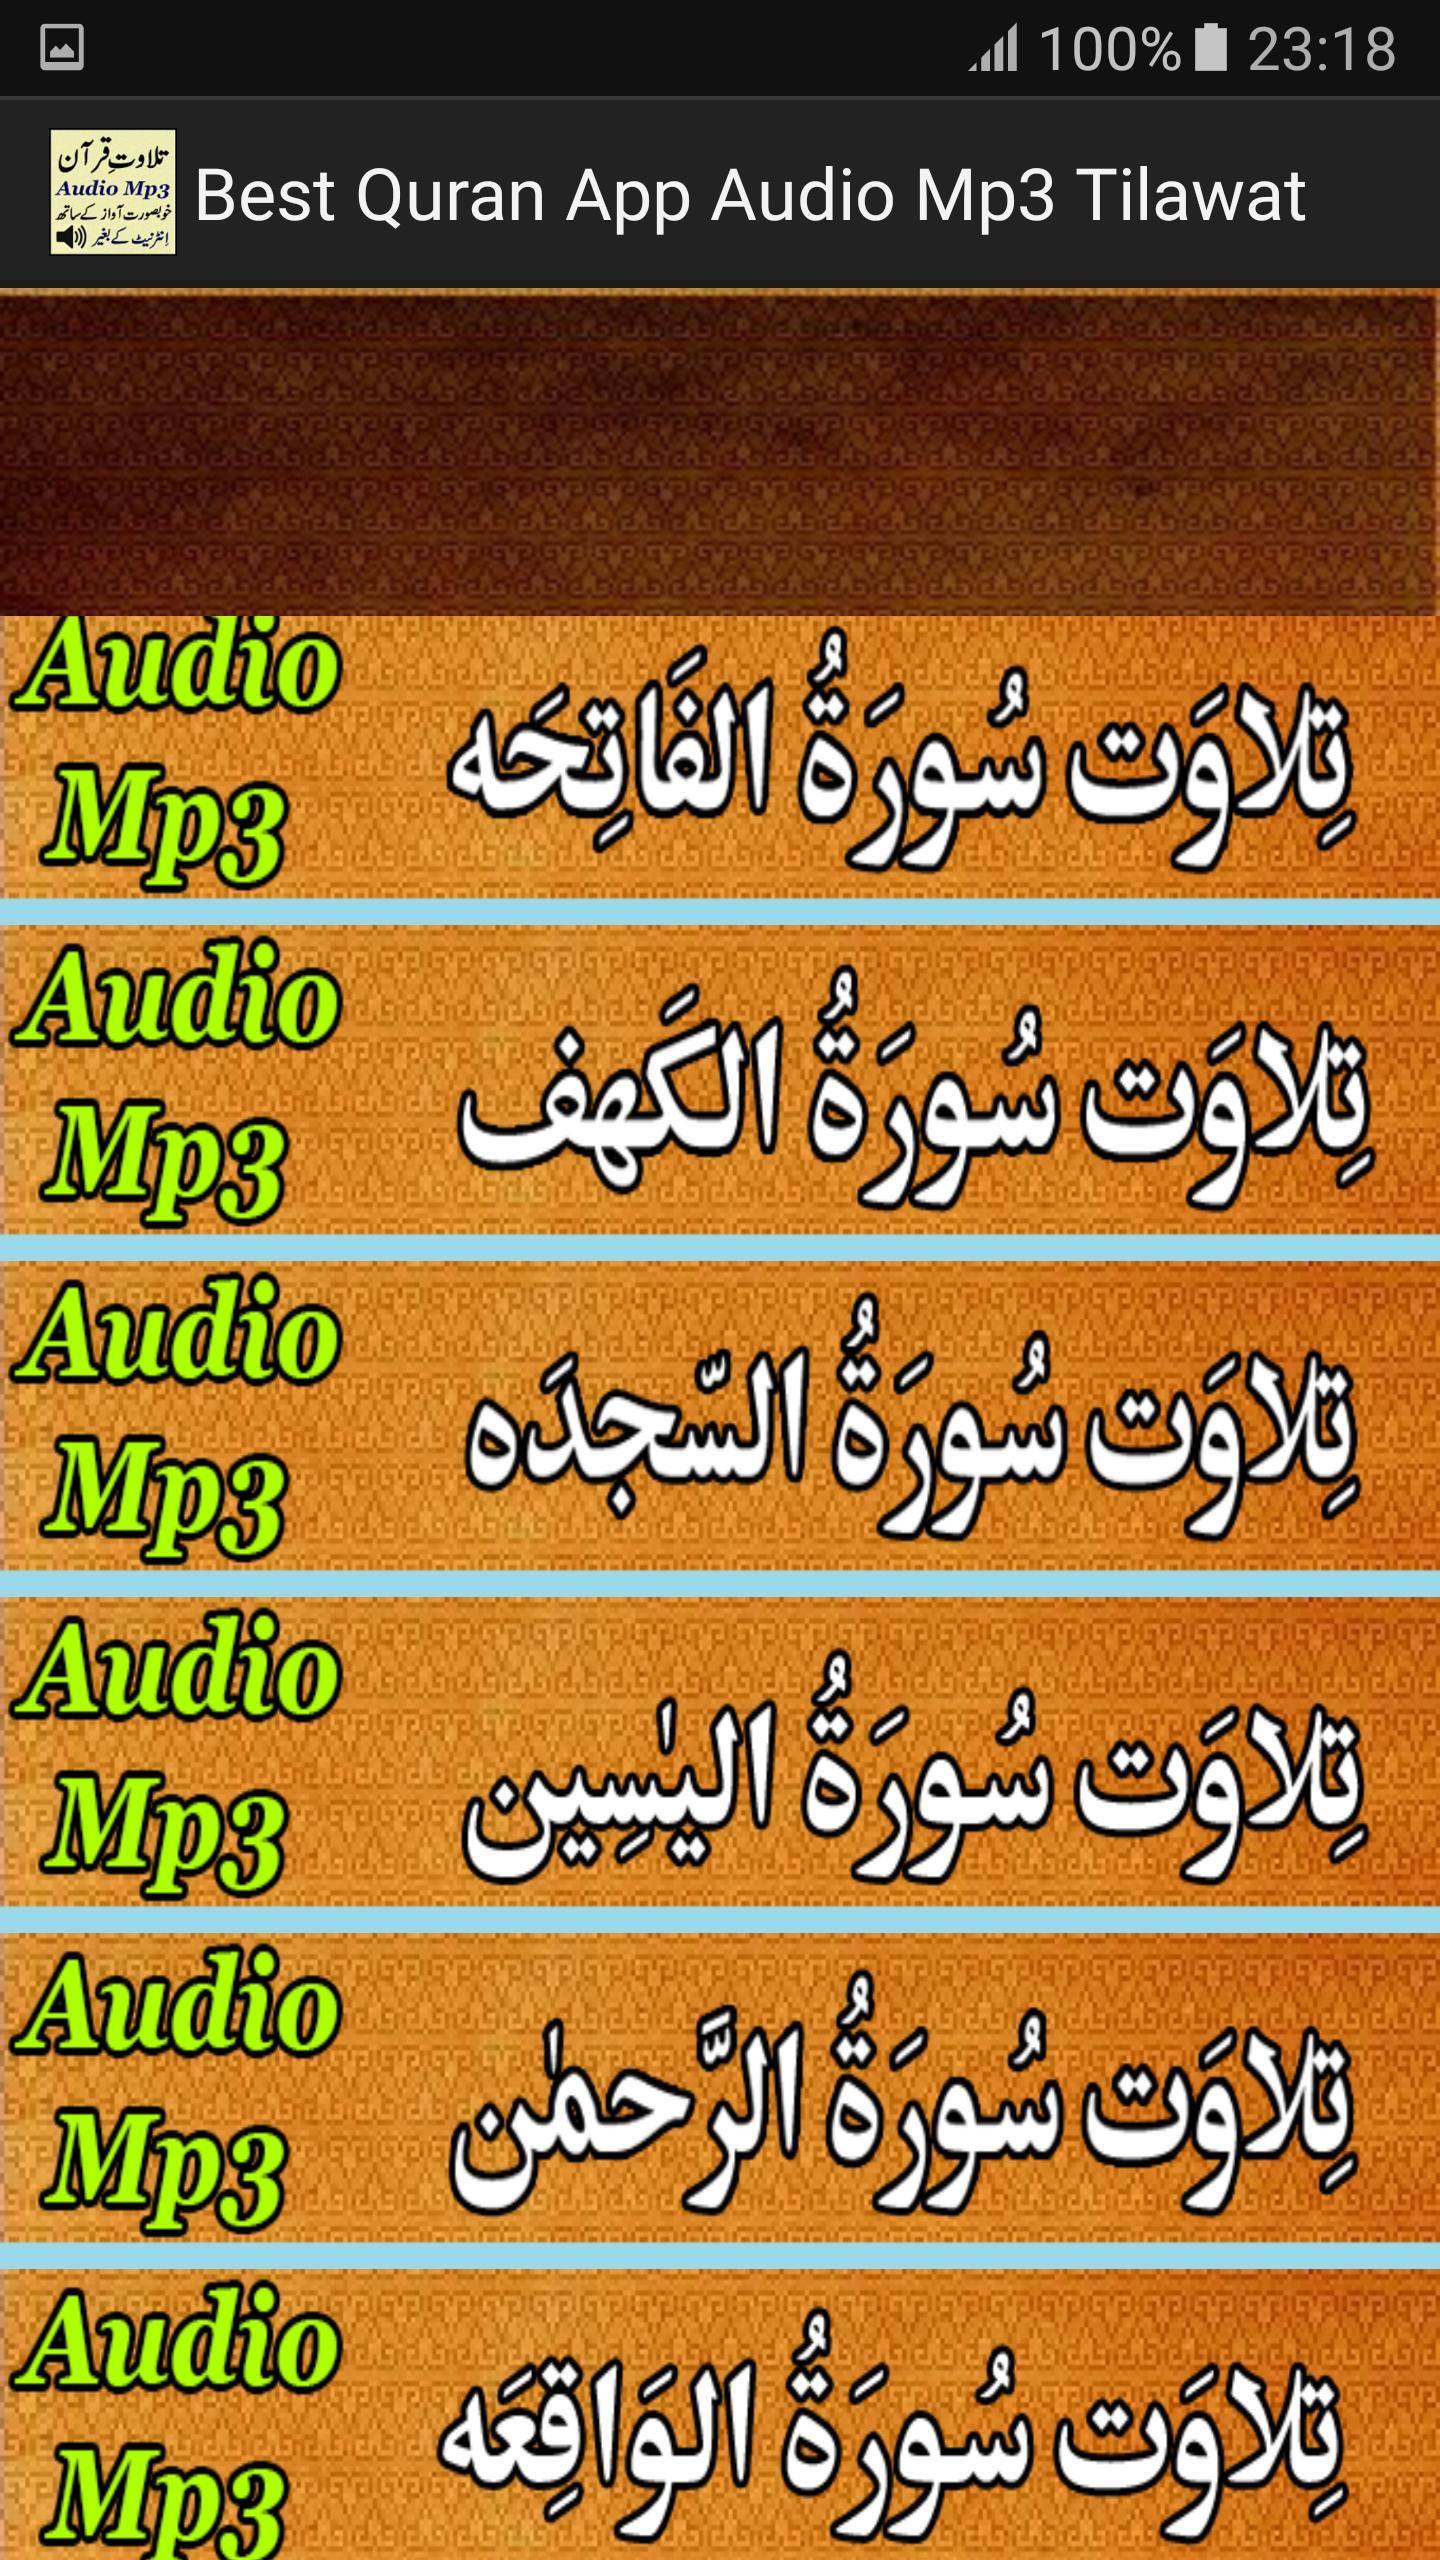 Best Quran App